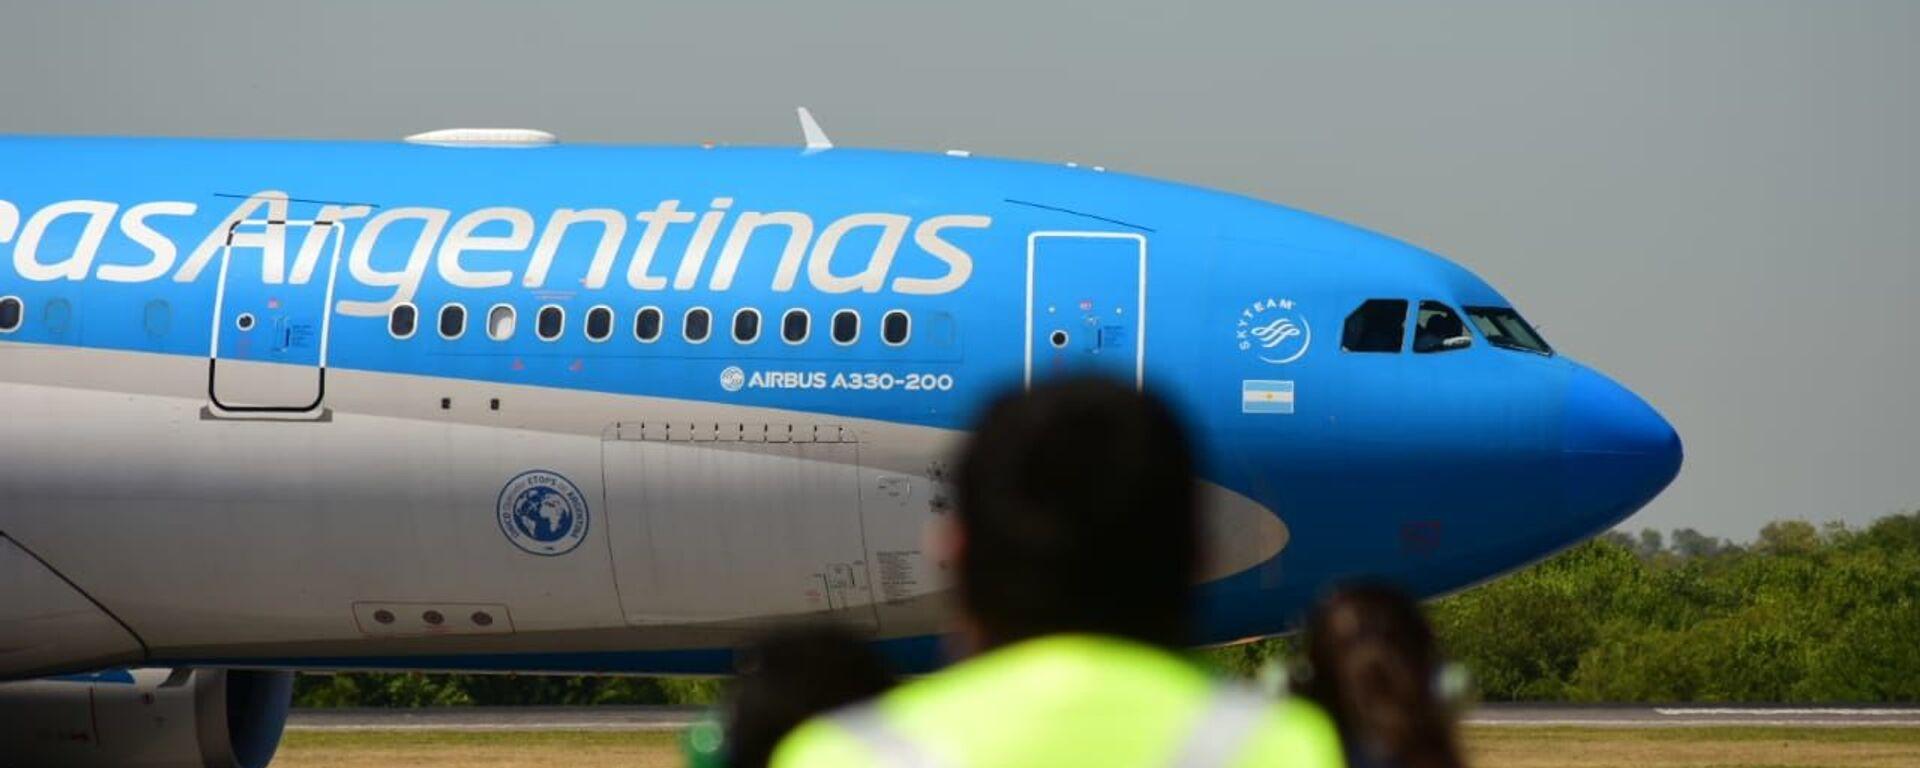 El avión con la vacuna rusa Sputnik V llega a Argentina - Sputnik Mundo, 1920, 24.08.2021